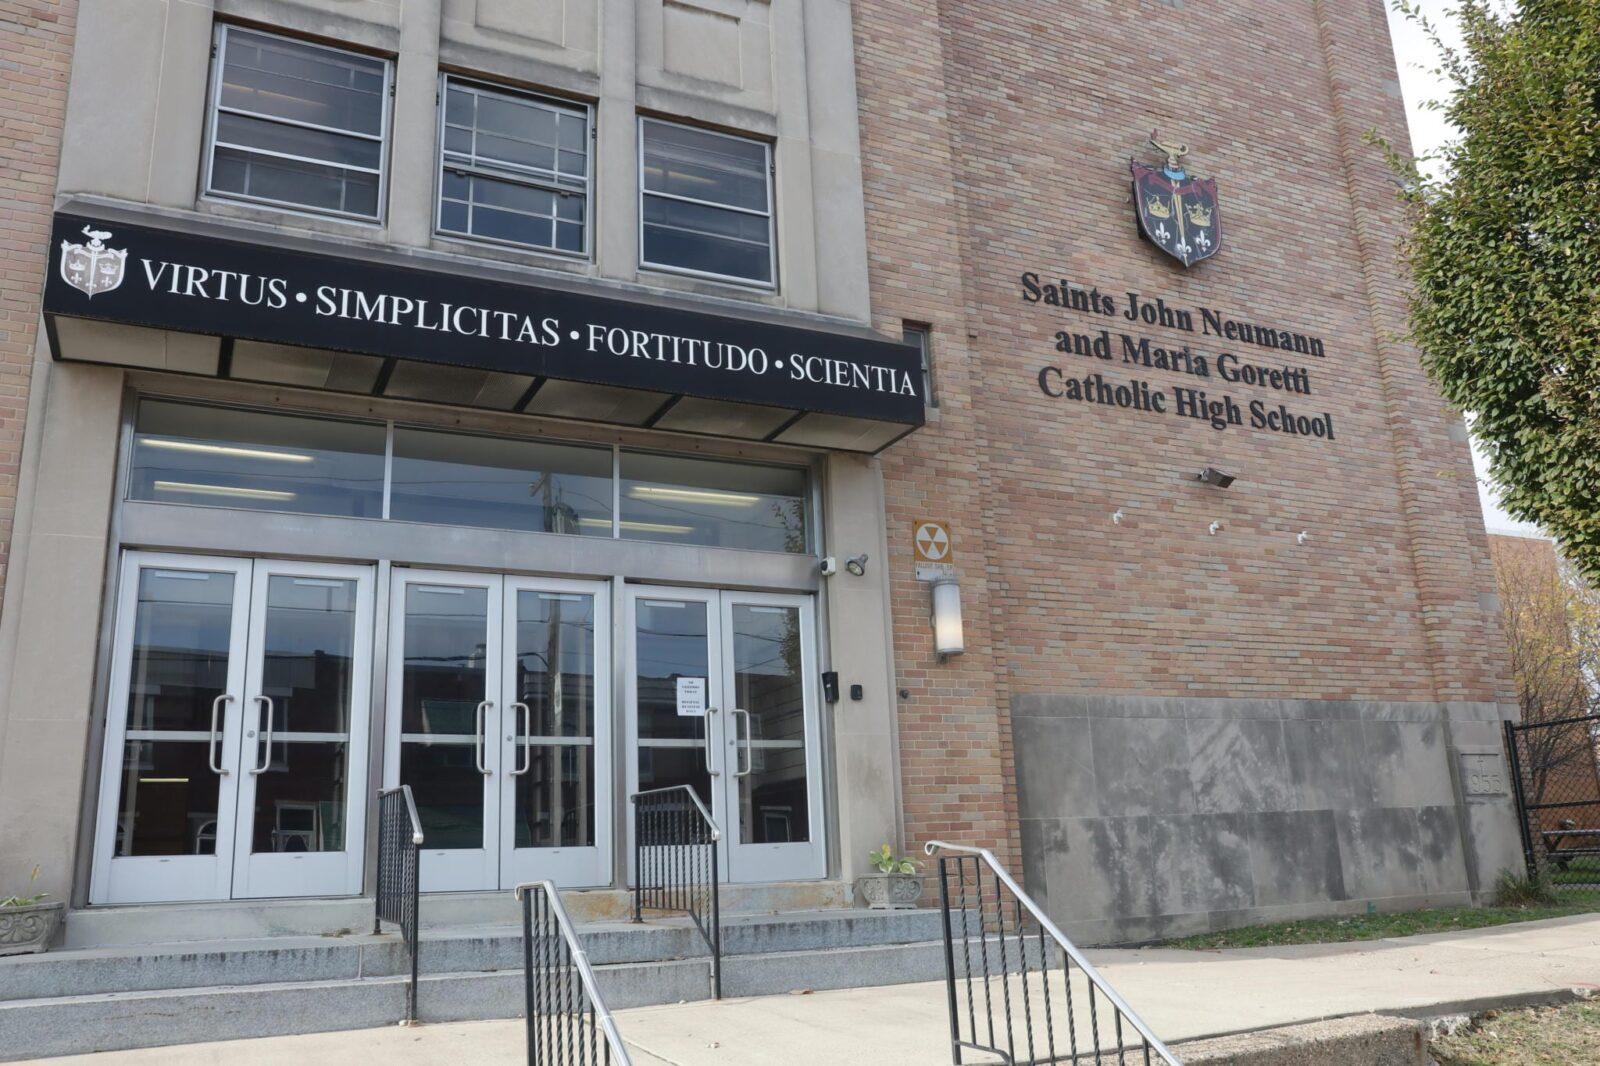 Neumann Goretti High School – Diverse, Faith-based, College